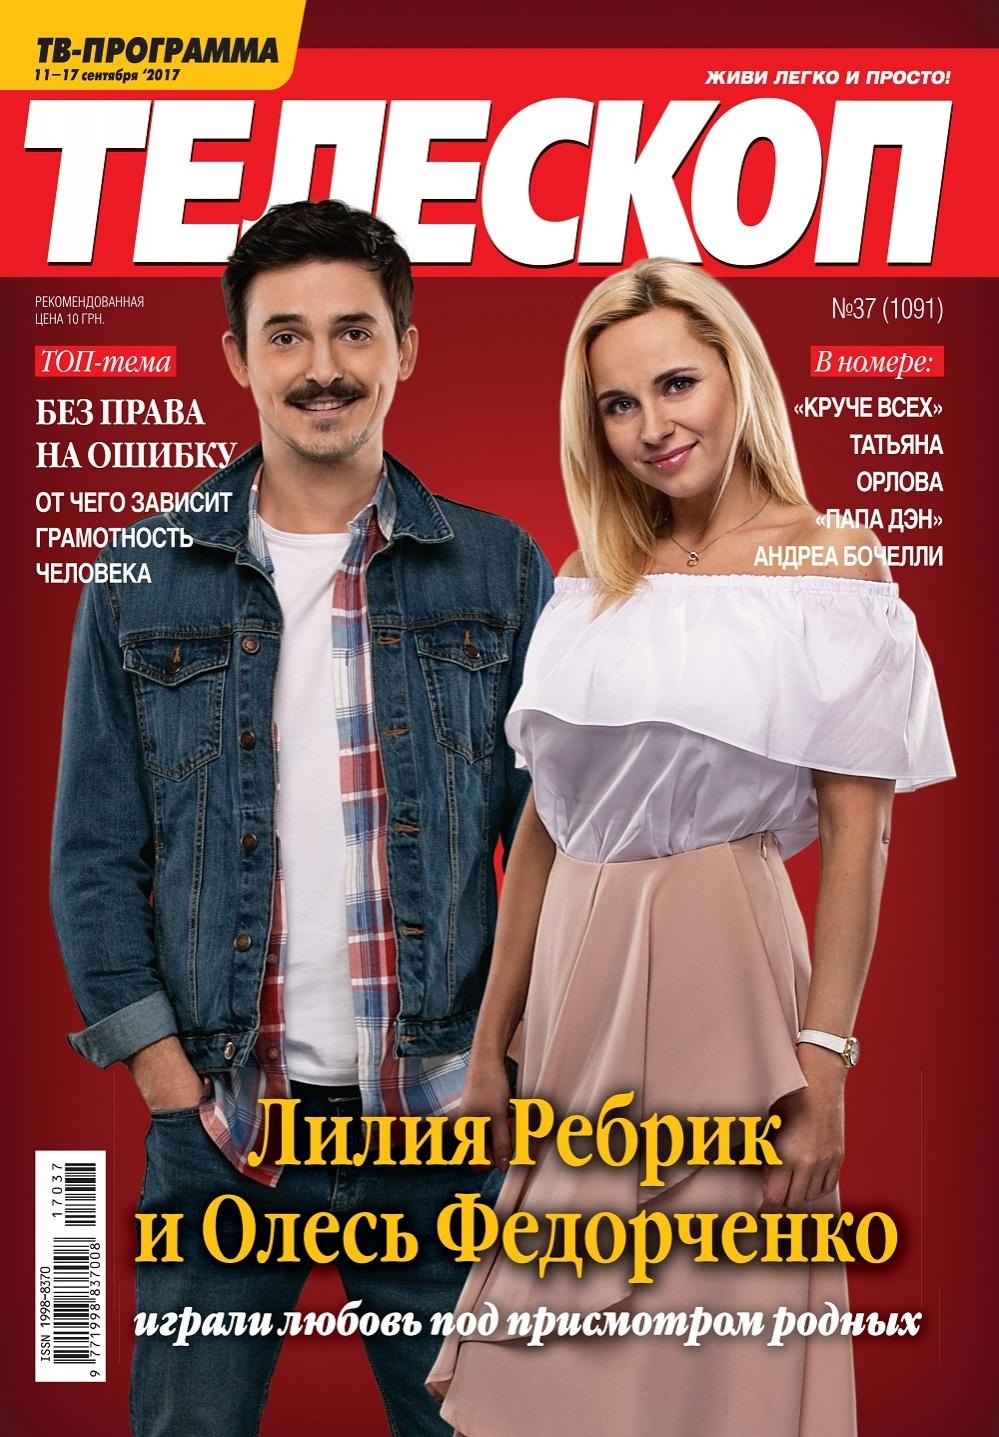 lilija-rebrik-i-oles-fedorchenko-igrali-ljubov-pod-prismotrom-rodnyh